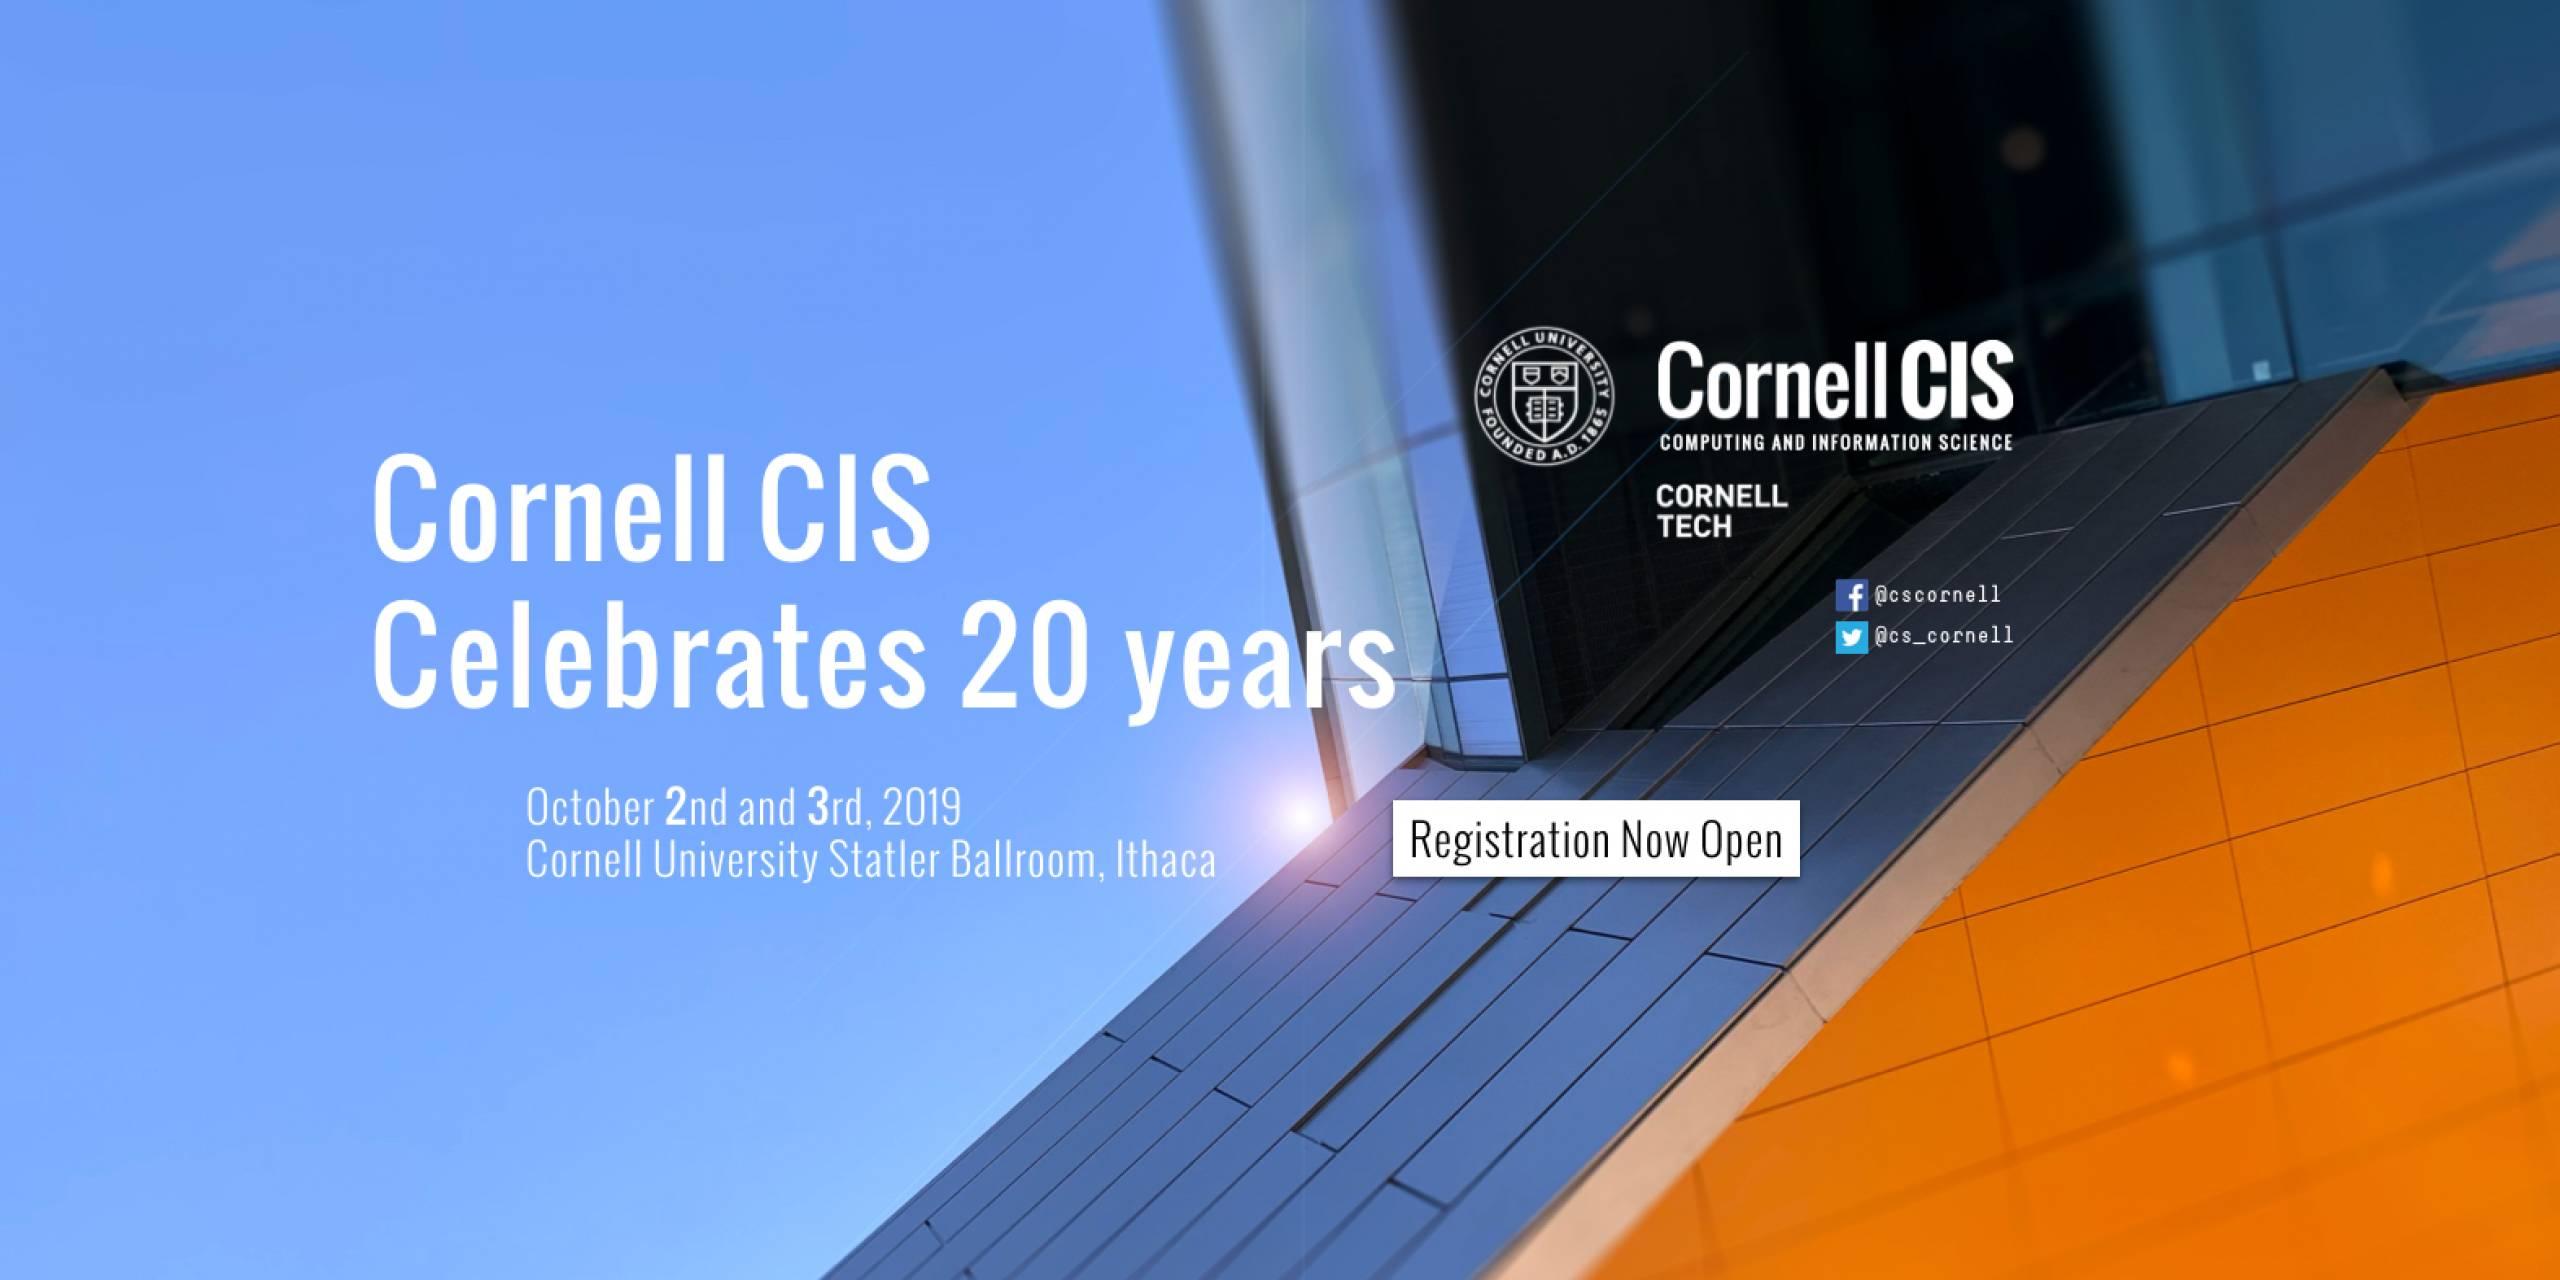 Cornell CIS Celebrates 20 Years